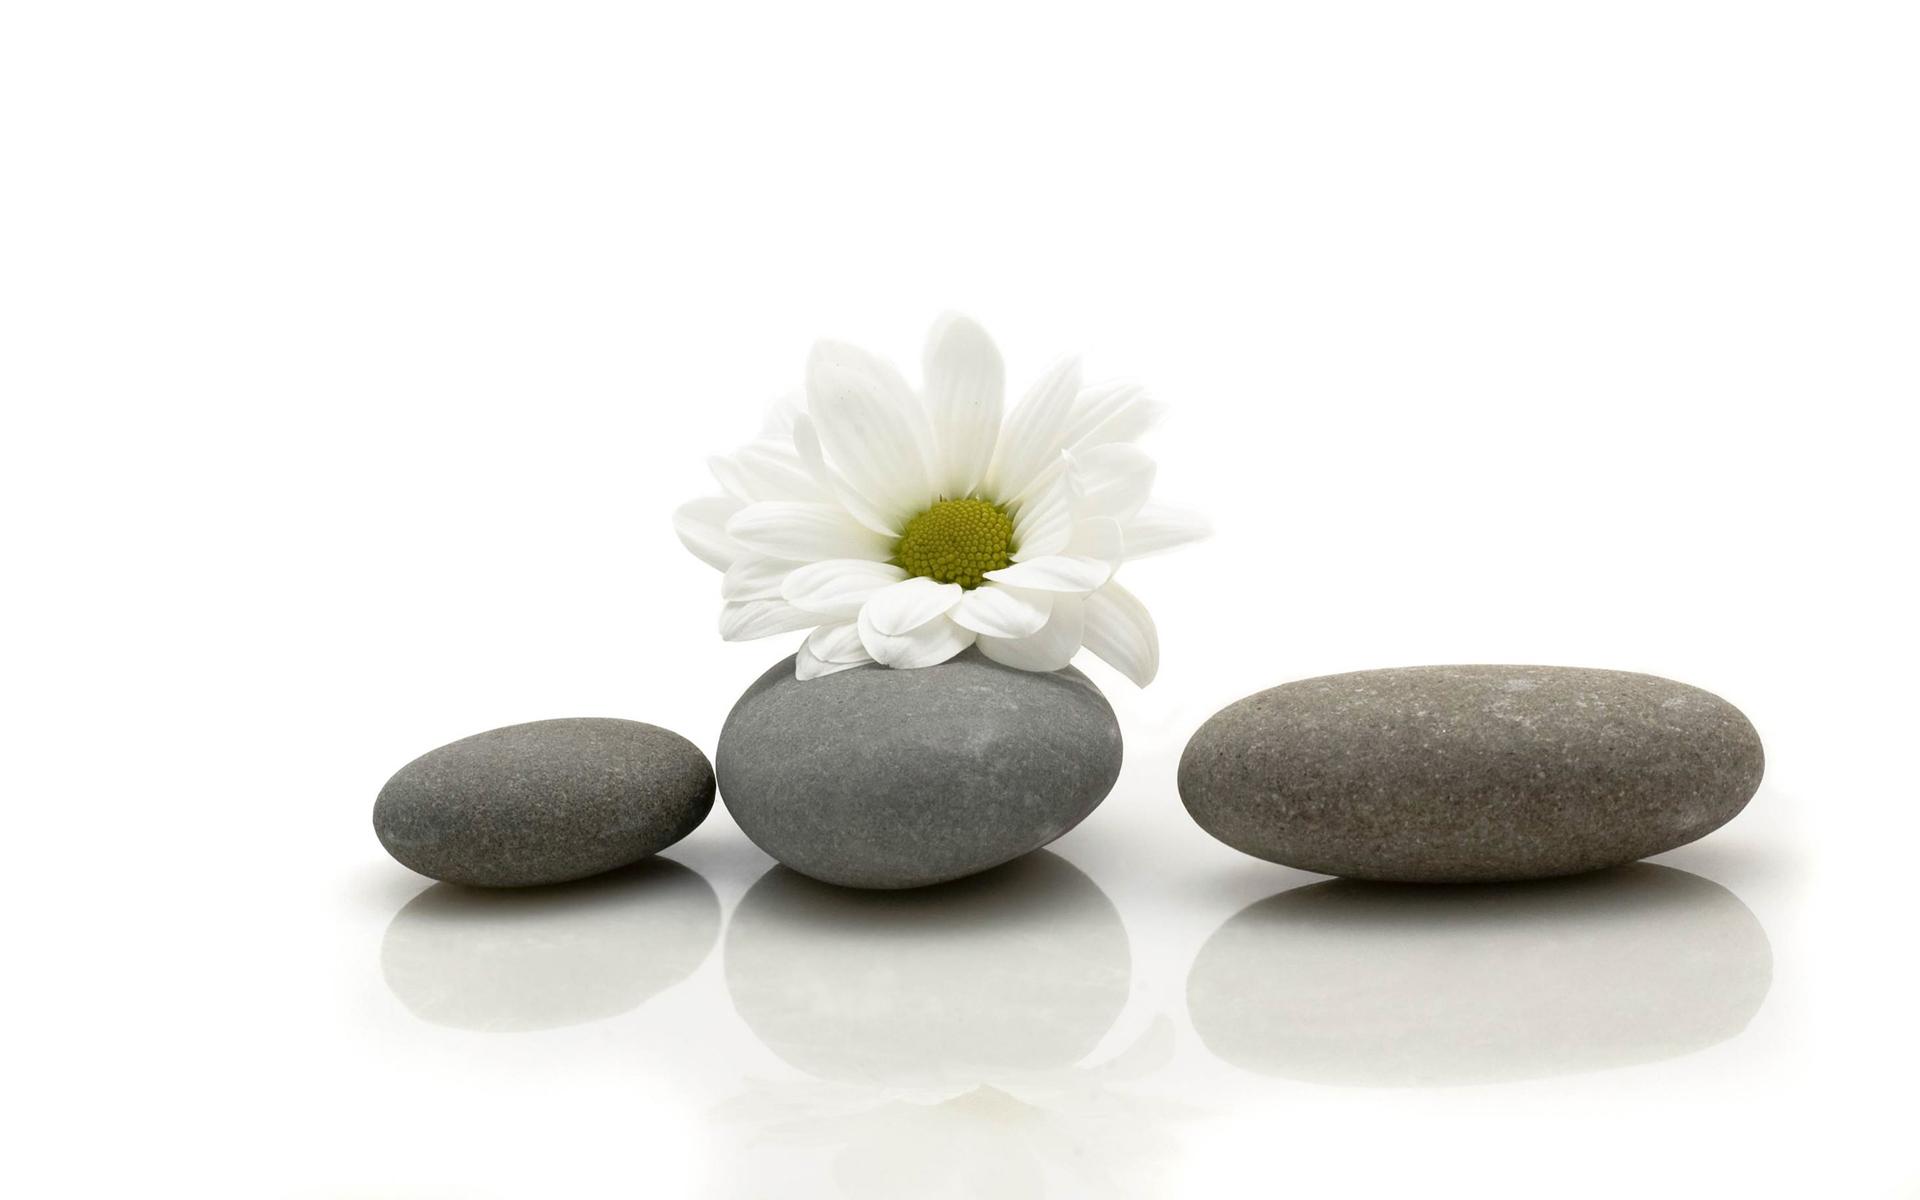 Stones